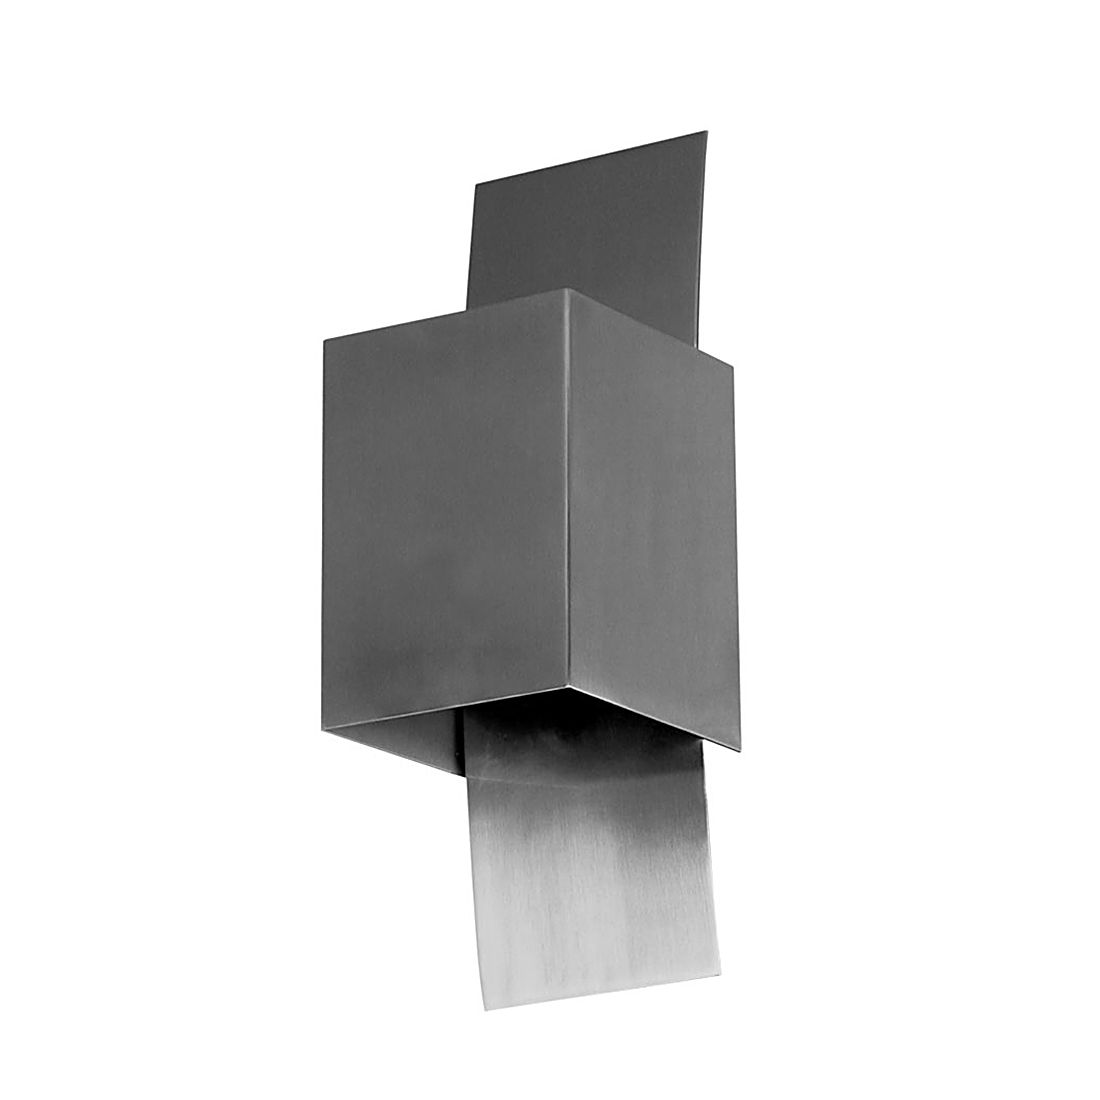 Wandleuchte Gyhum - Up-Down G9 - Aluminium Edelstahl, s`luce